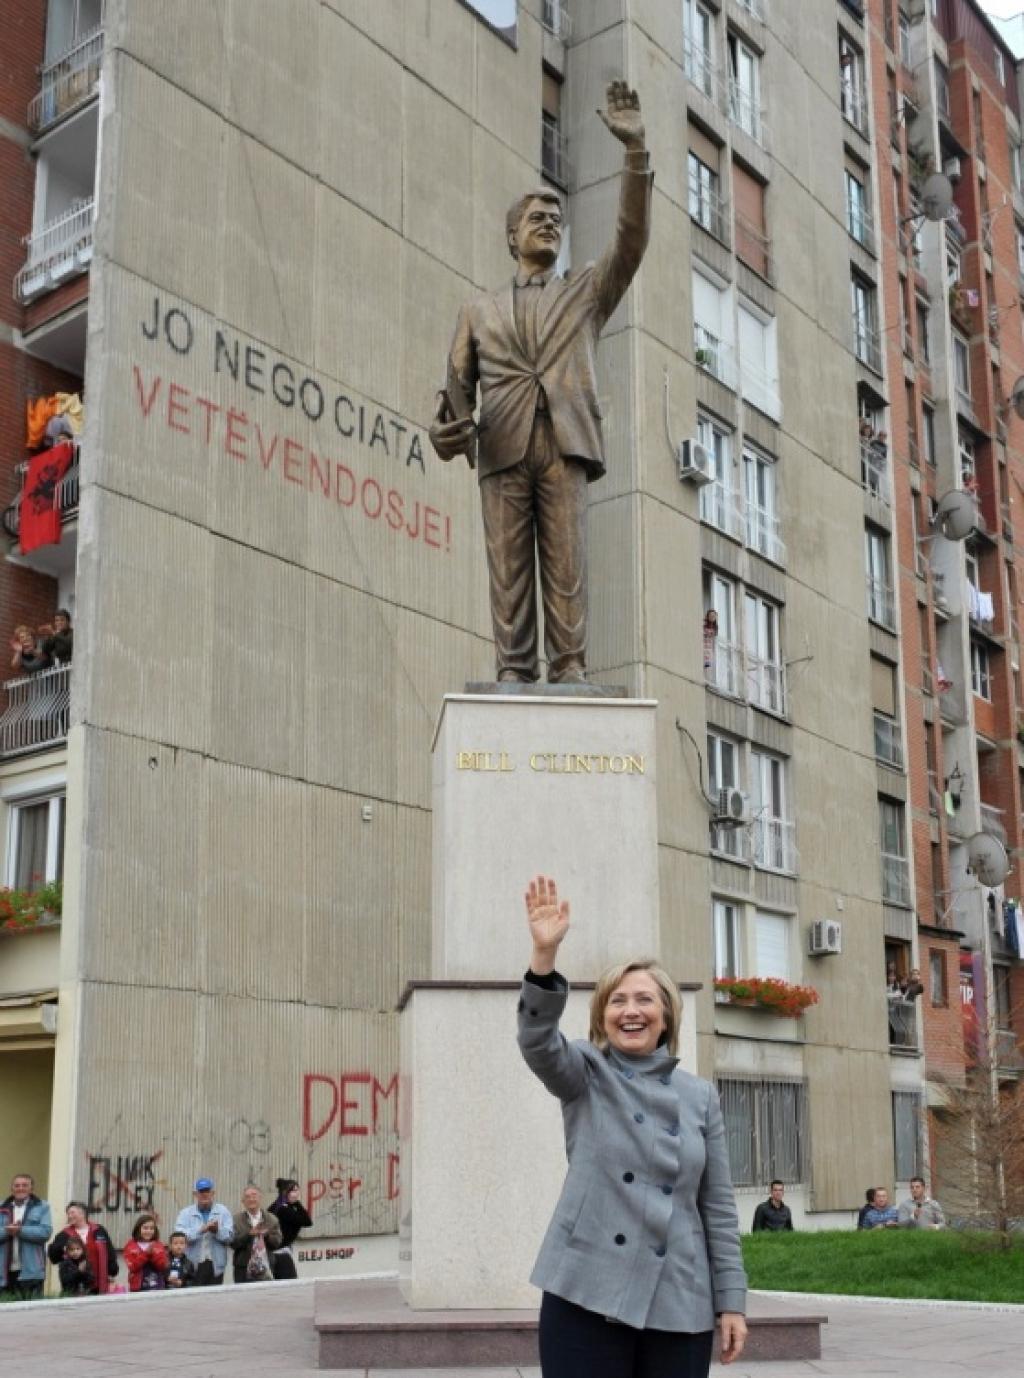 Dijaboličan plan destabilizacije Makedonije - Balkan pod anestezijom